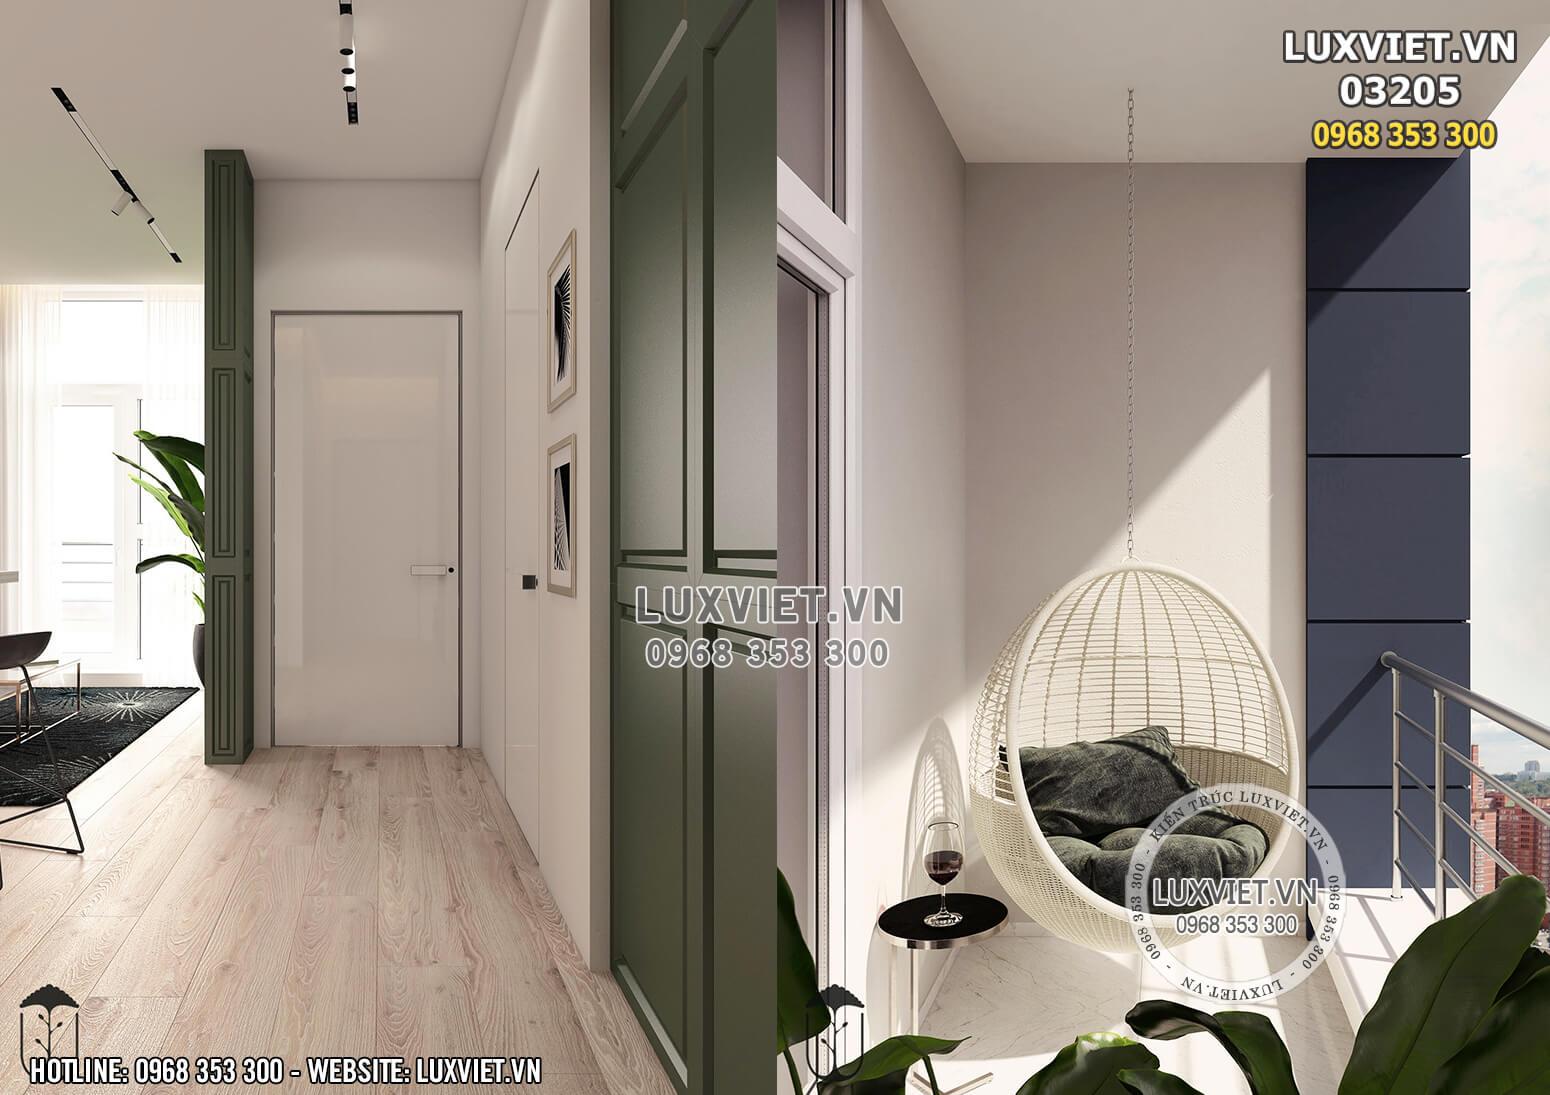 Hình ảnh: Góc decor đẹp - LV 03205